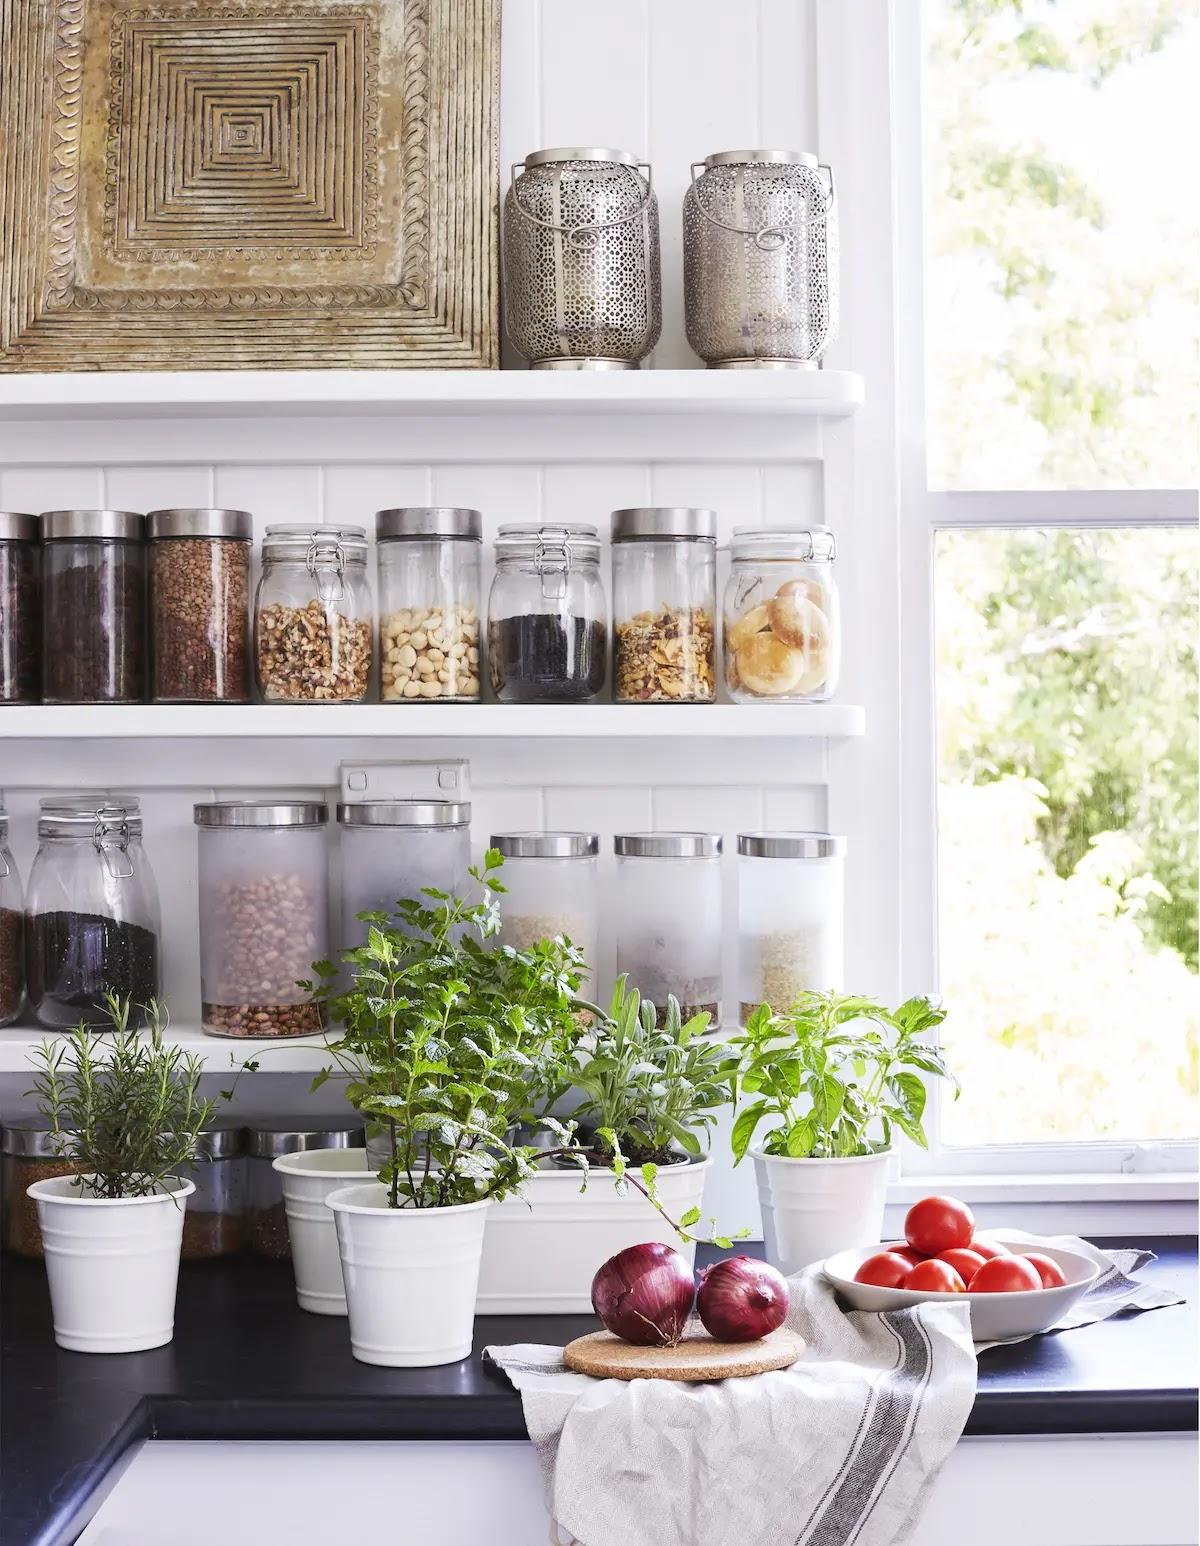 Orden en la despensa: botes herméticos con tapa y plantas aromáticas